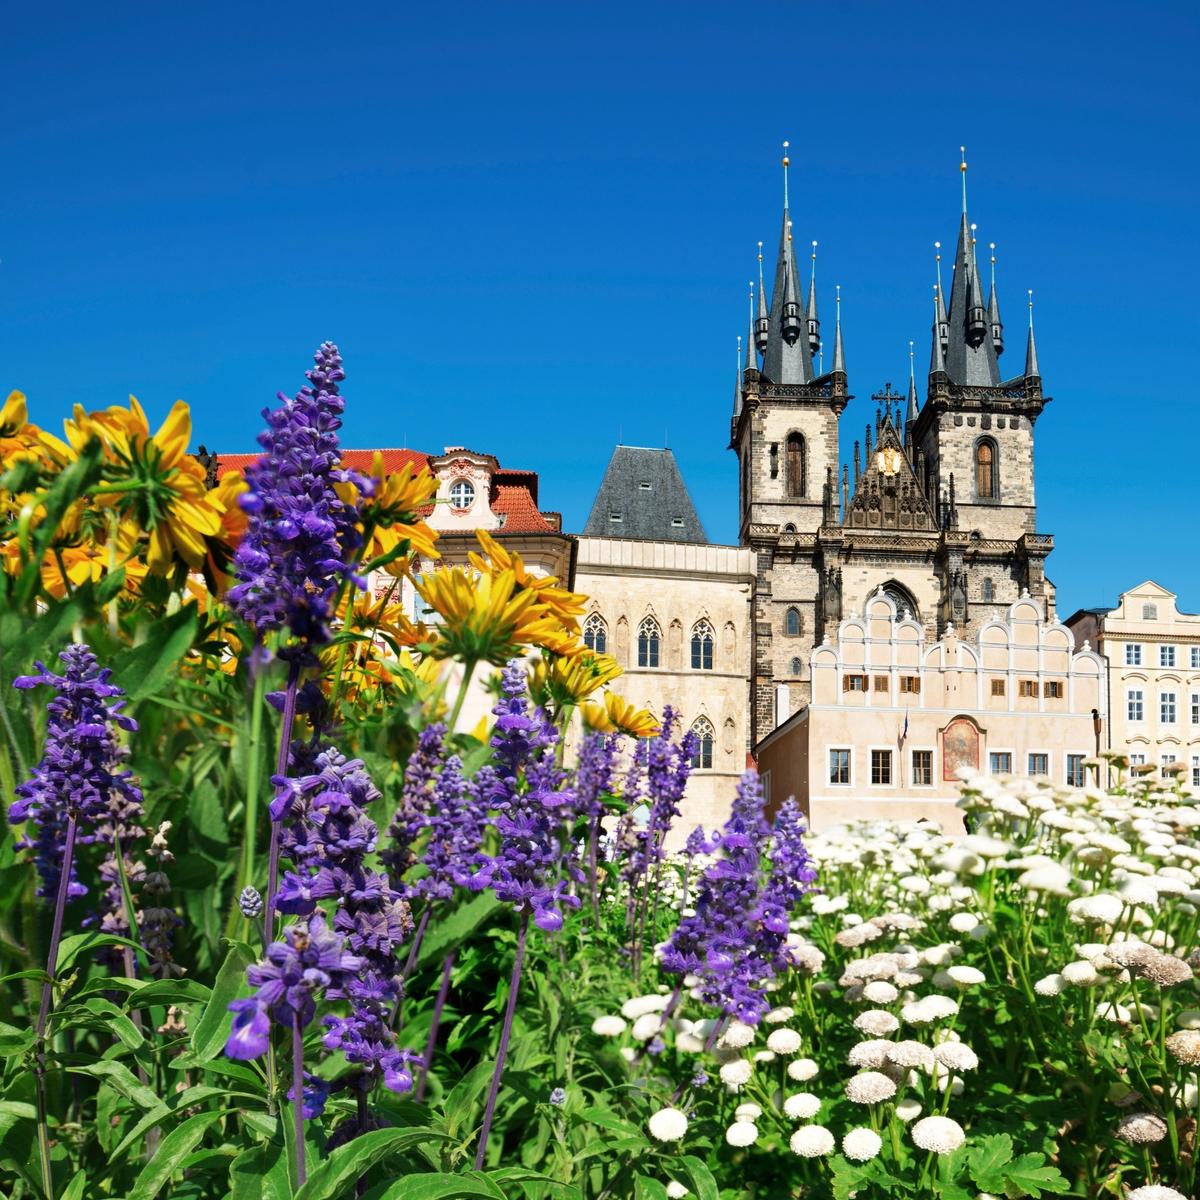 Άνοιξη στην Πράγα - που να πάτε ταξίδι το Πάσχα στην Ευρώπη